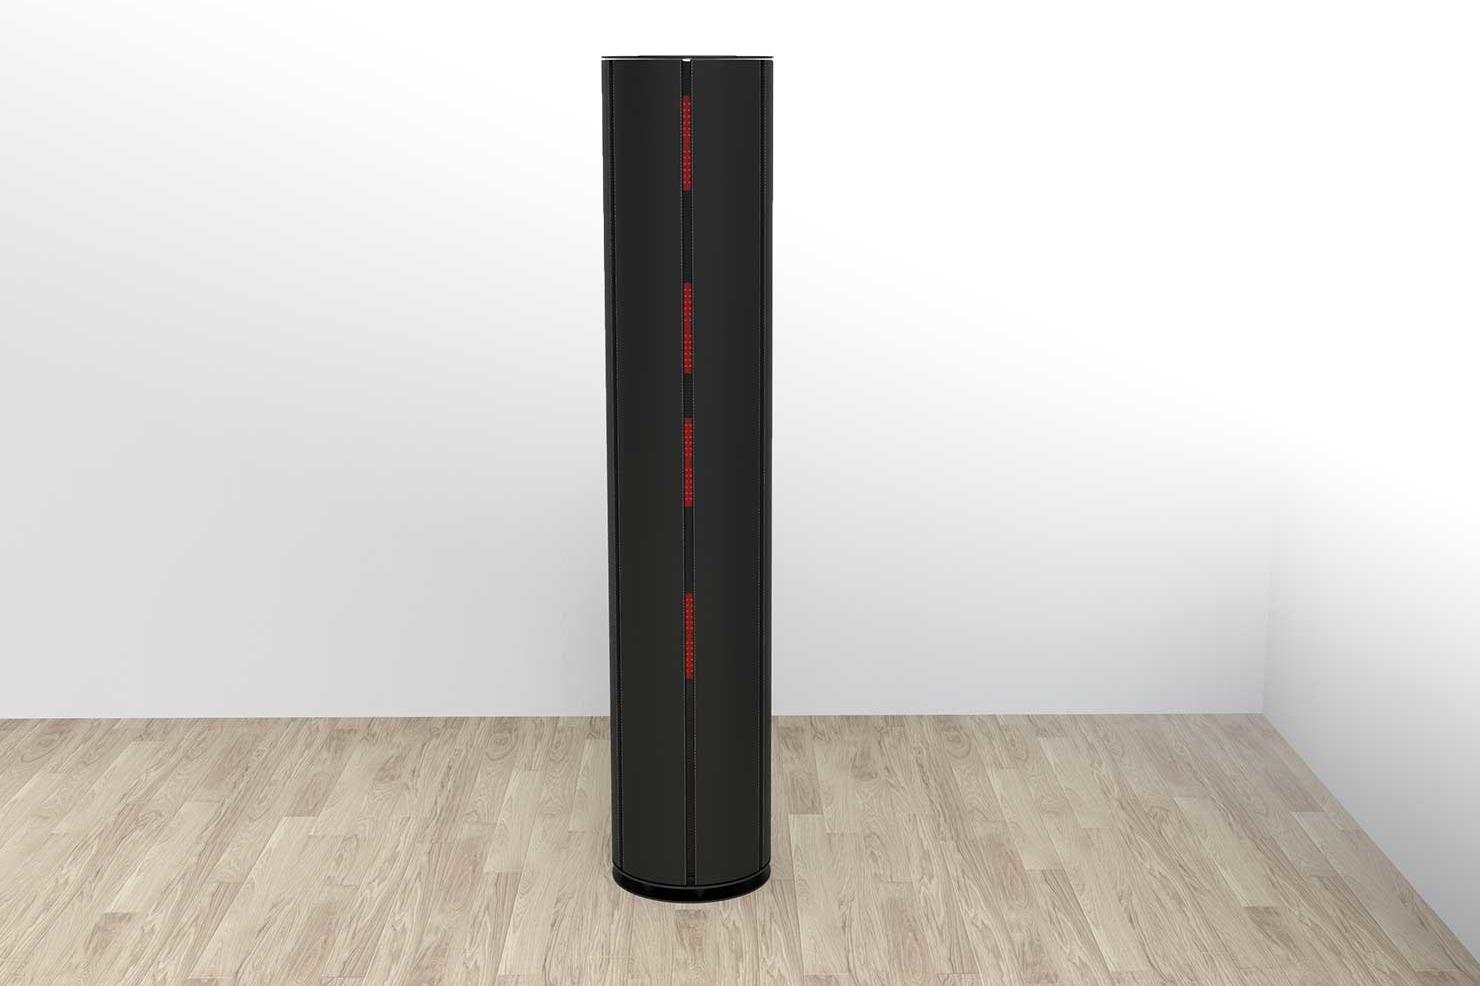 REAX BOXE 180 RX1632